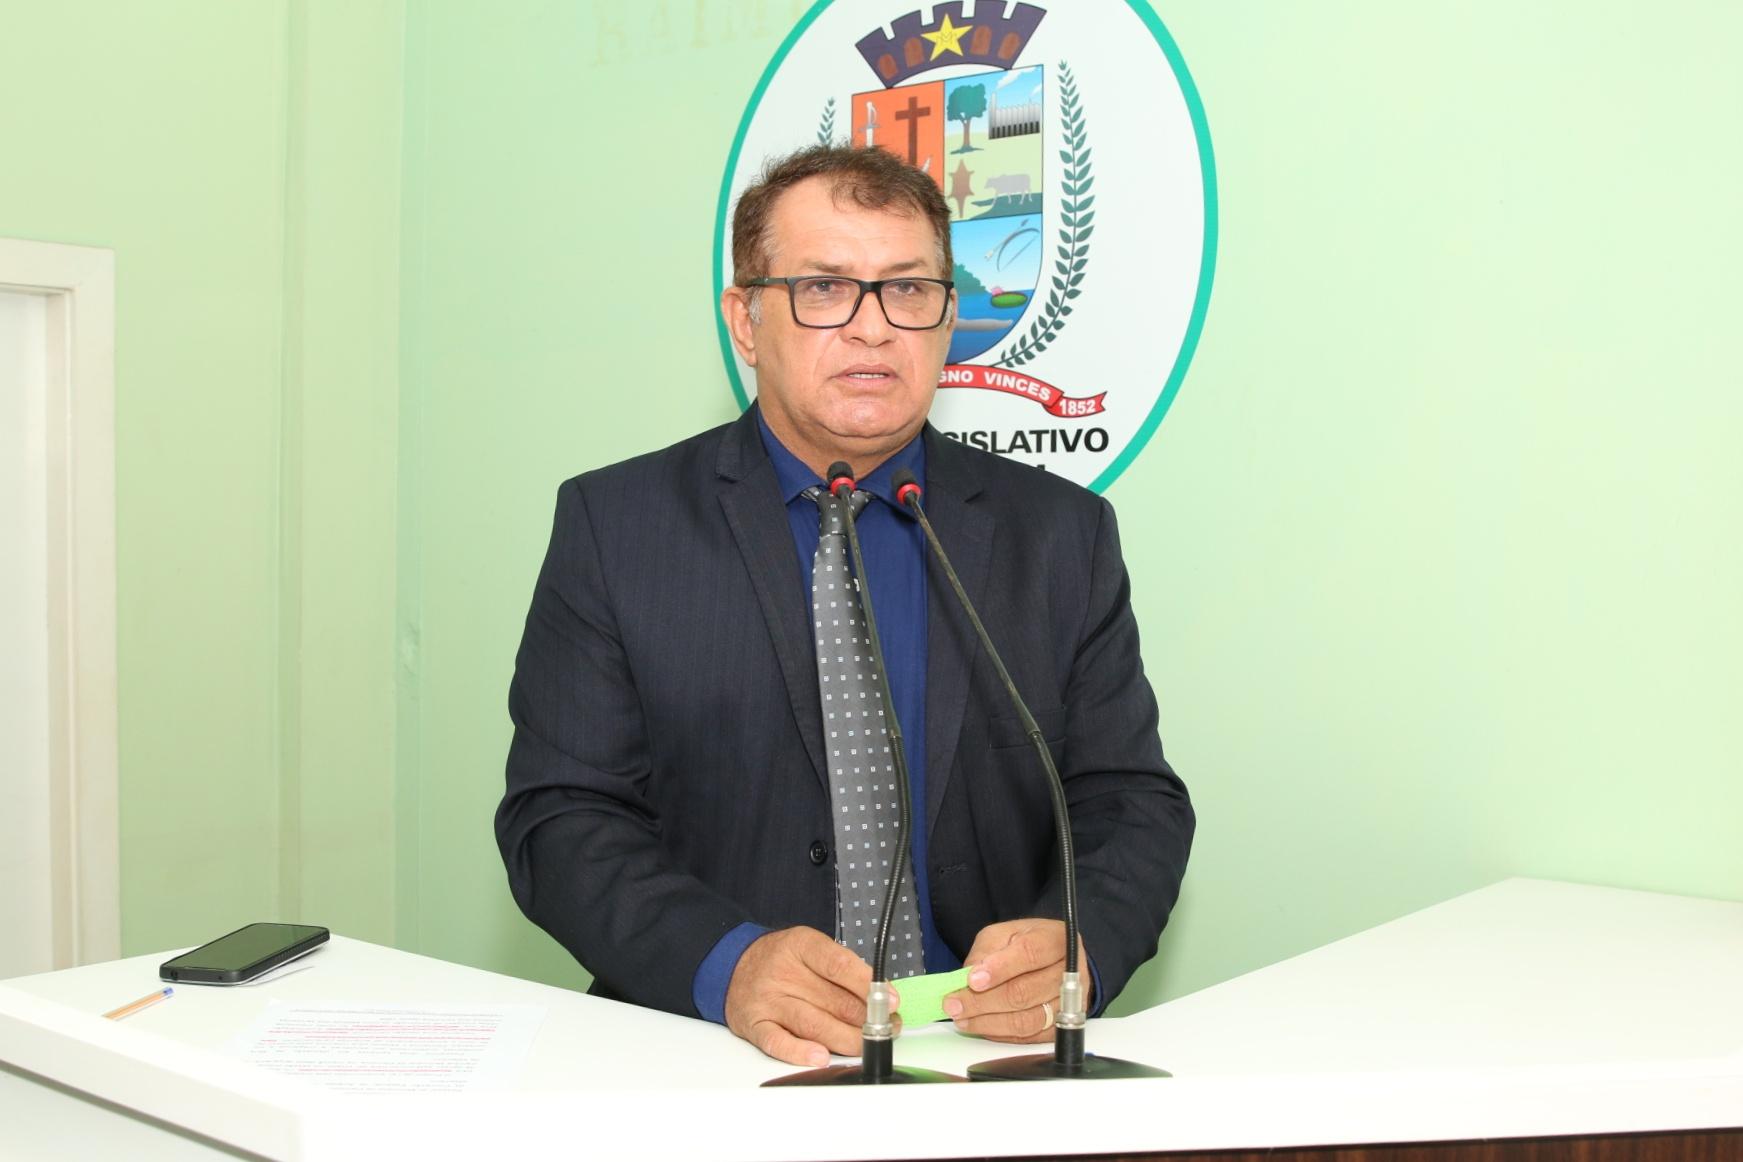 Vereador Tião Teixeira ressalta consenso para estabelecer novo estatuto dos servidores públicos